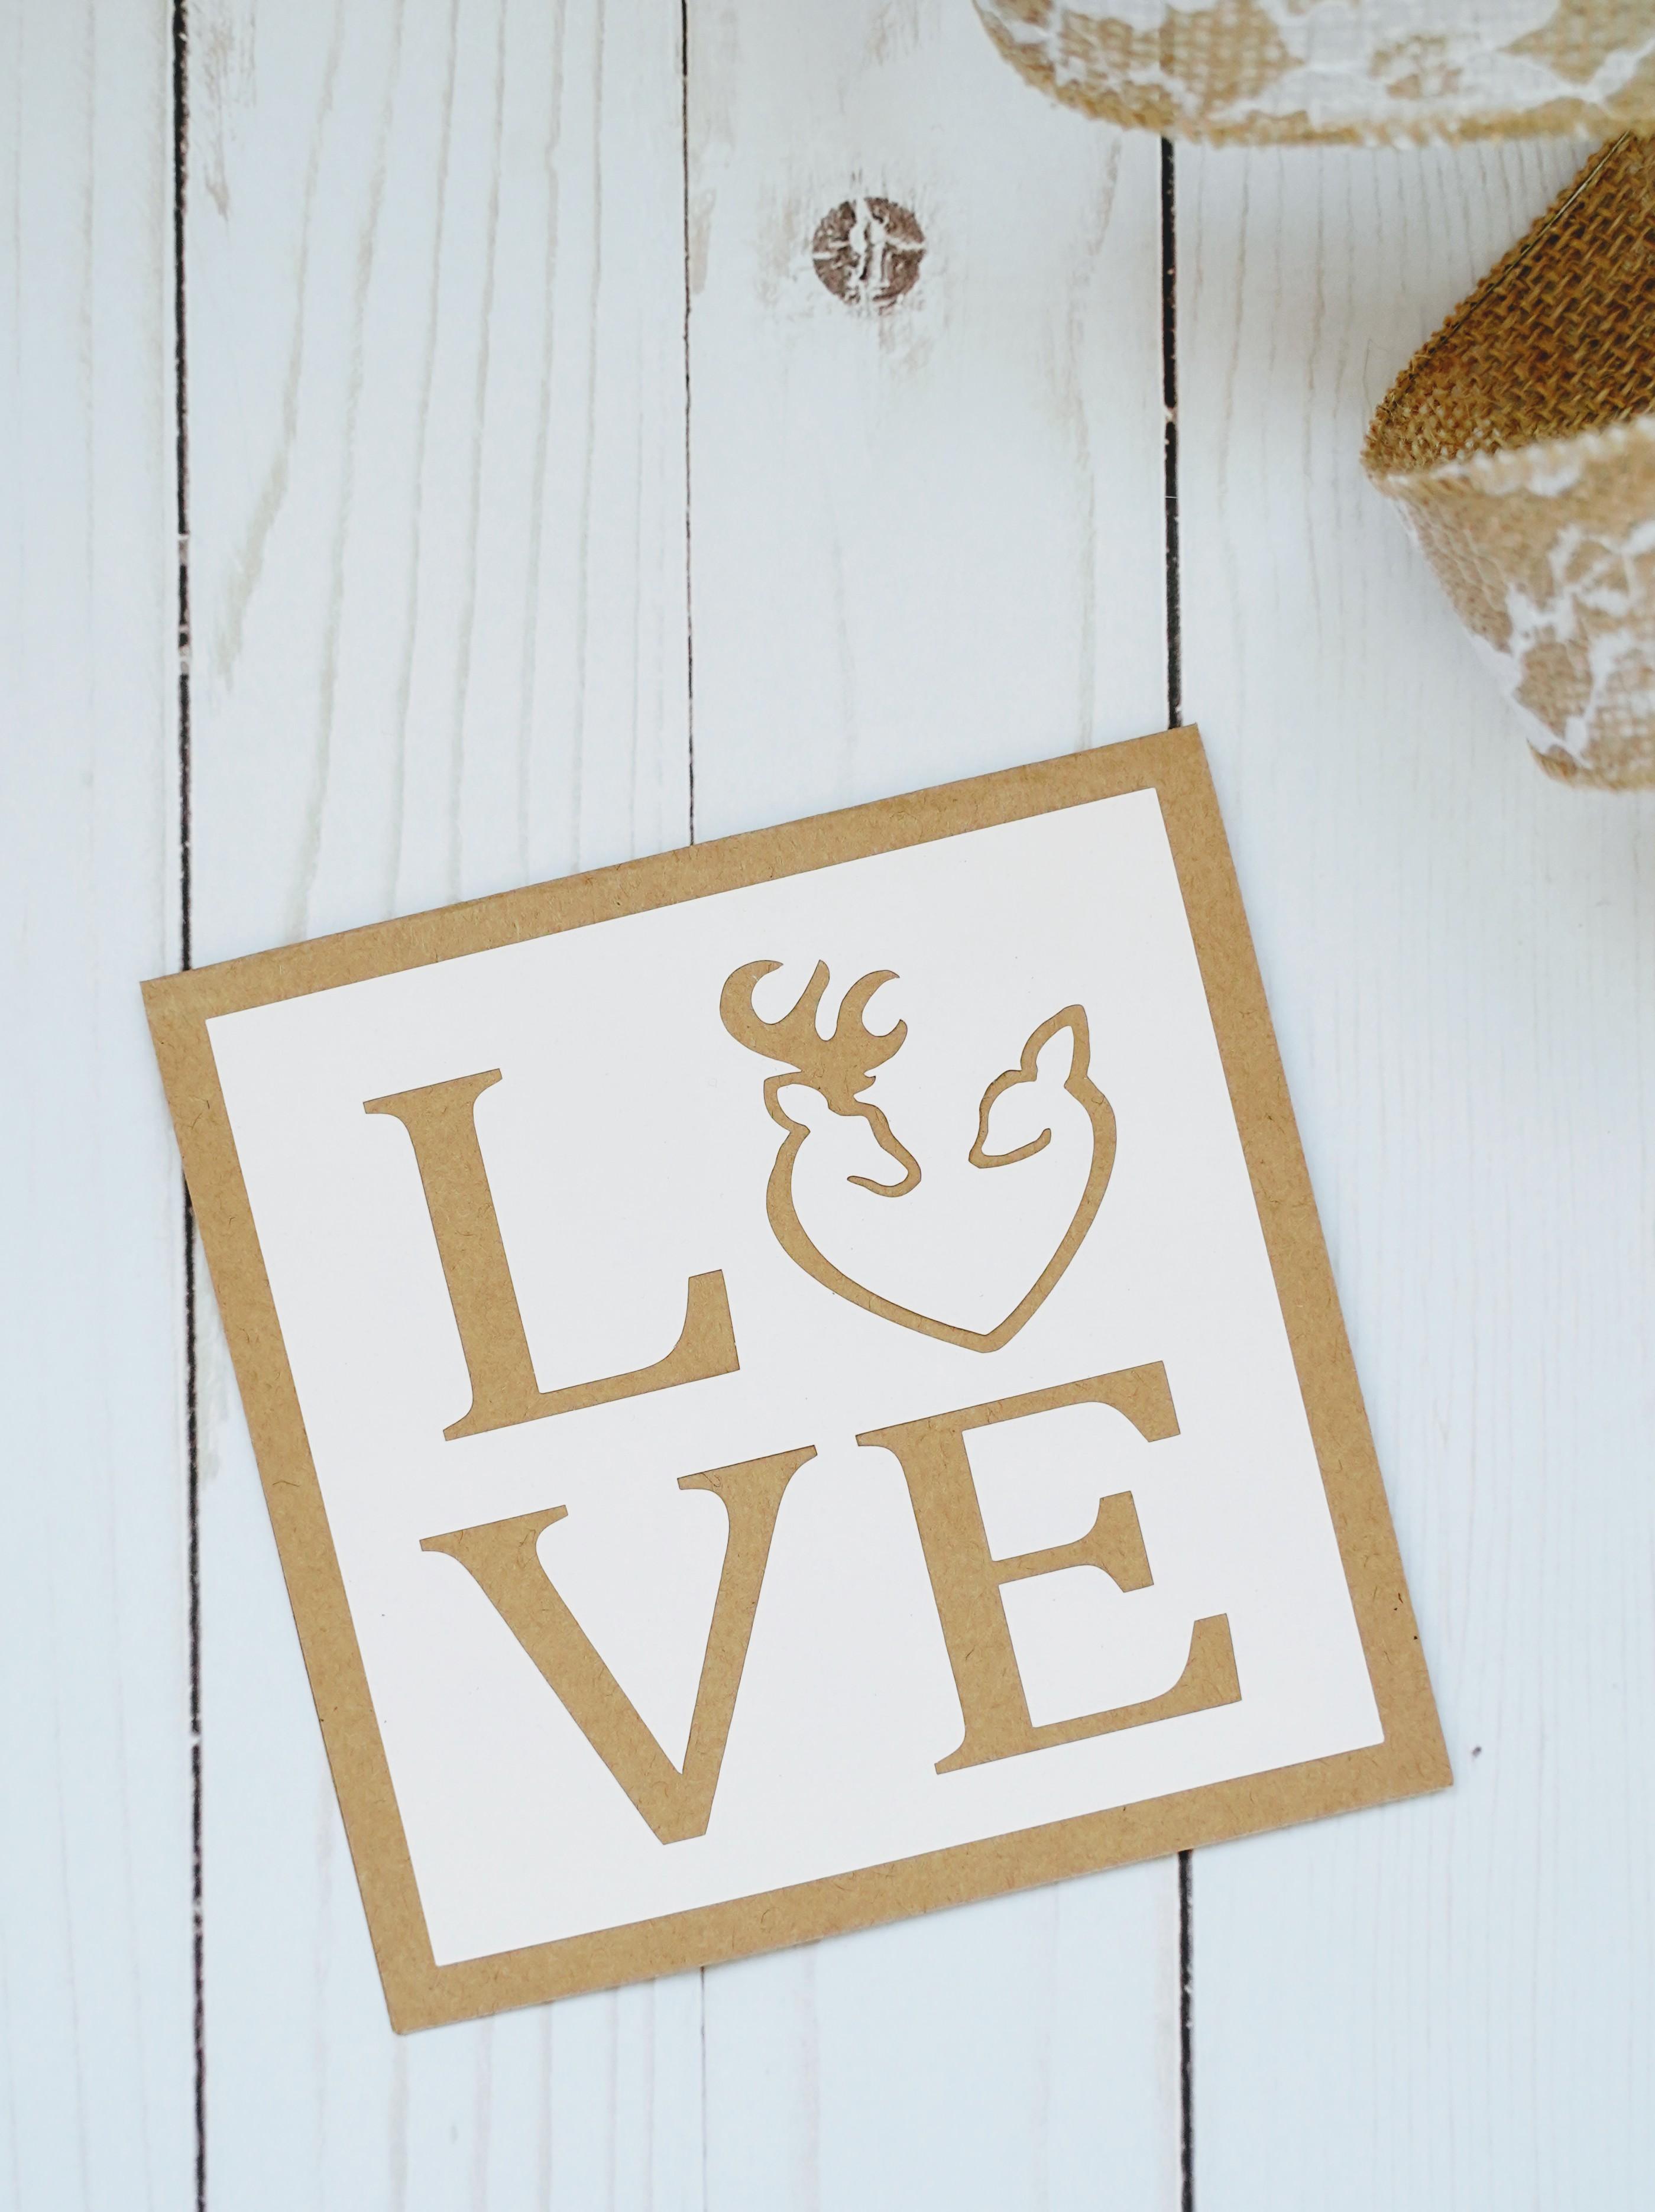 diy love cards  cricut card ideas  domestic heights